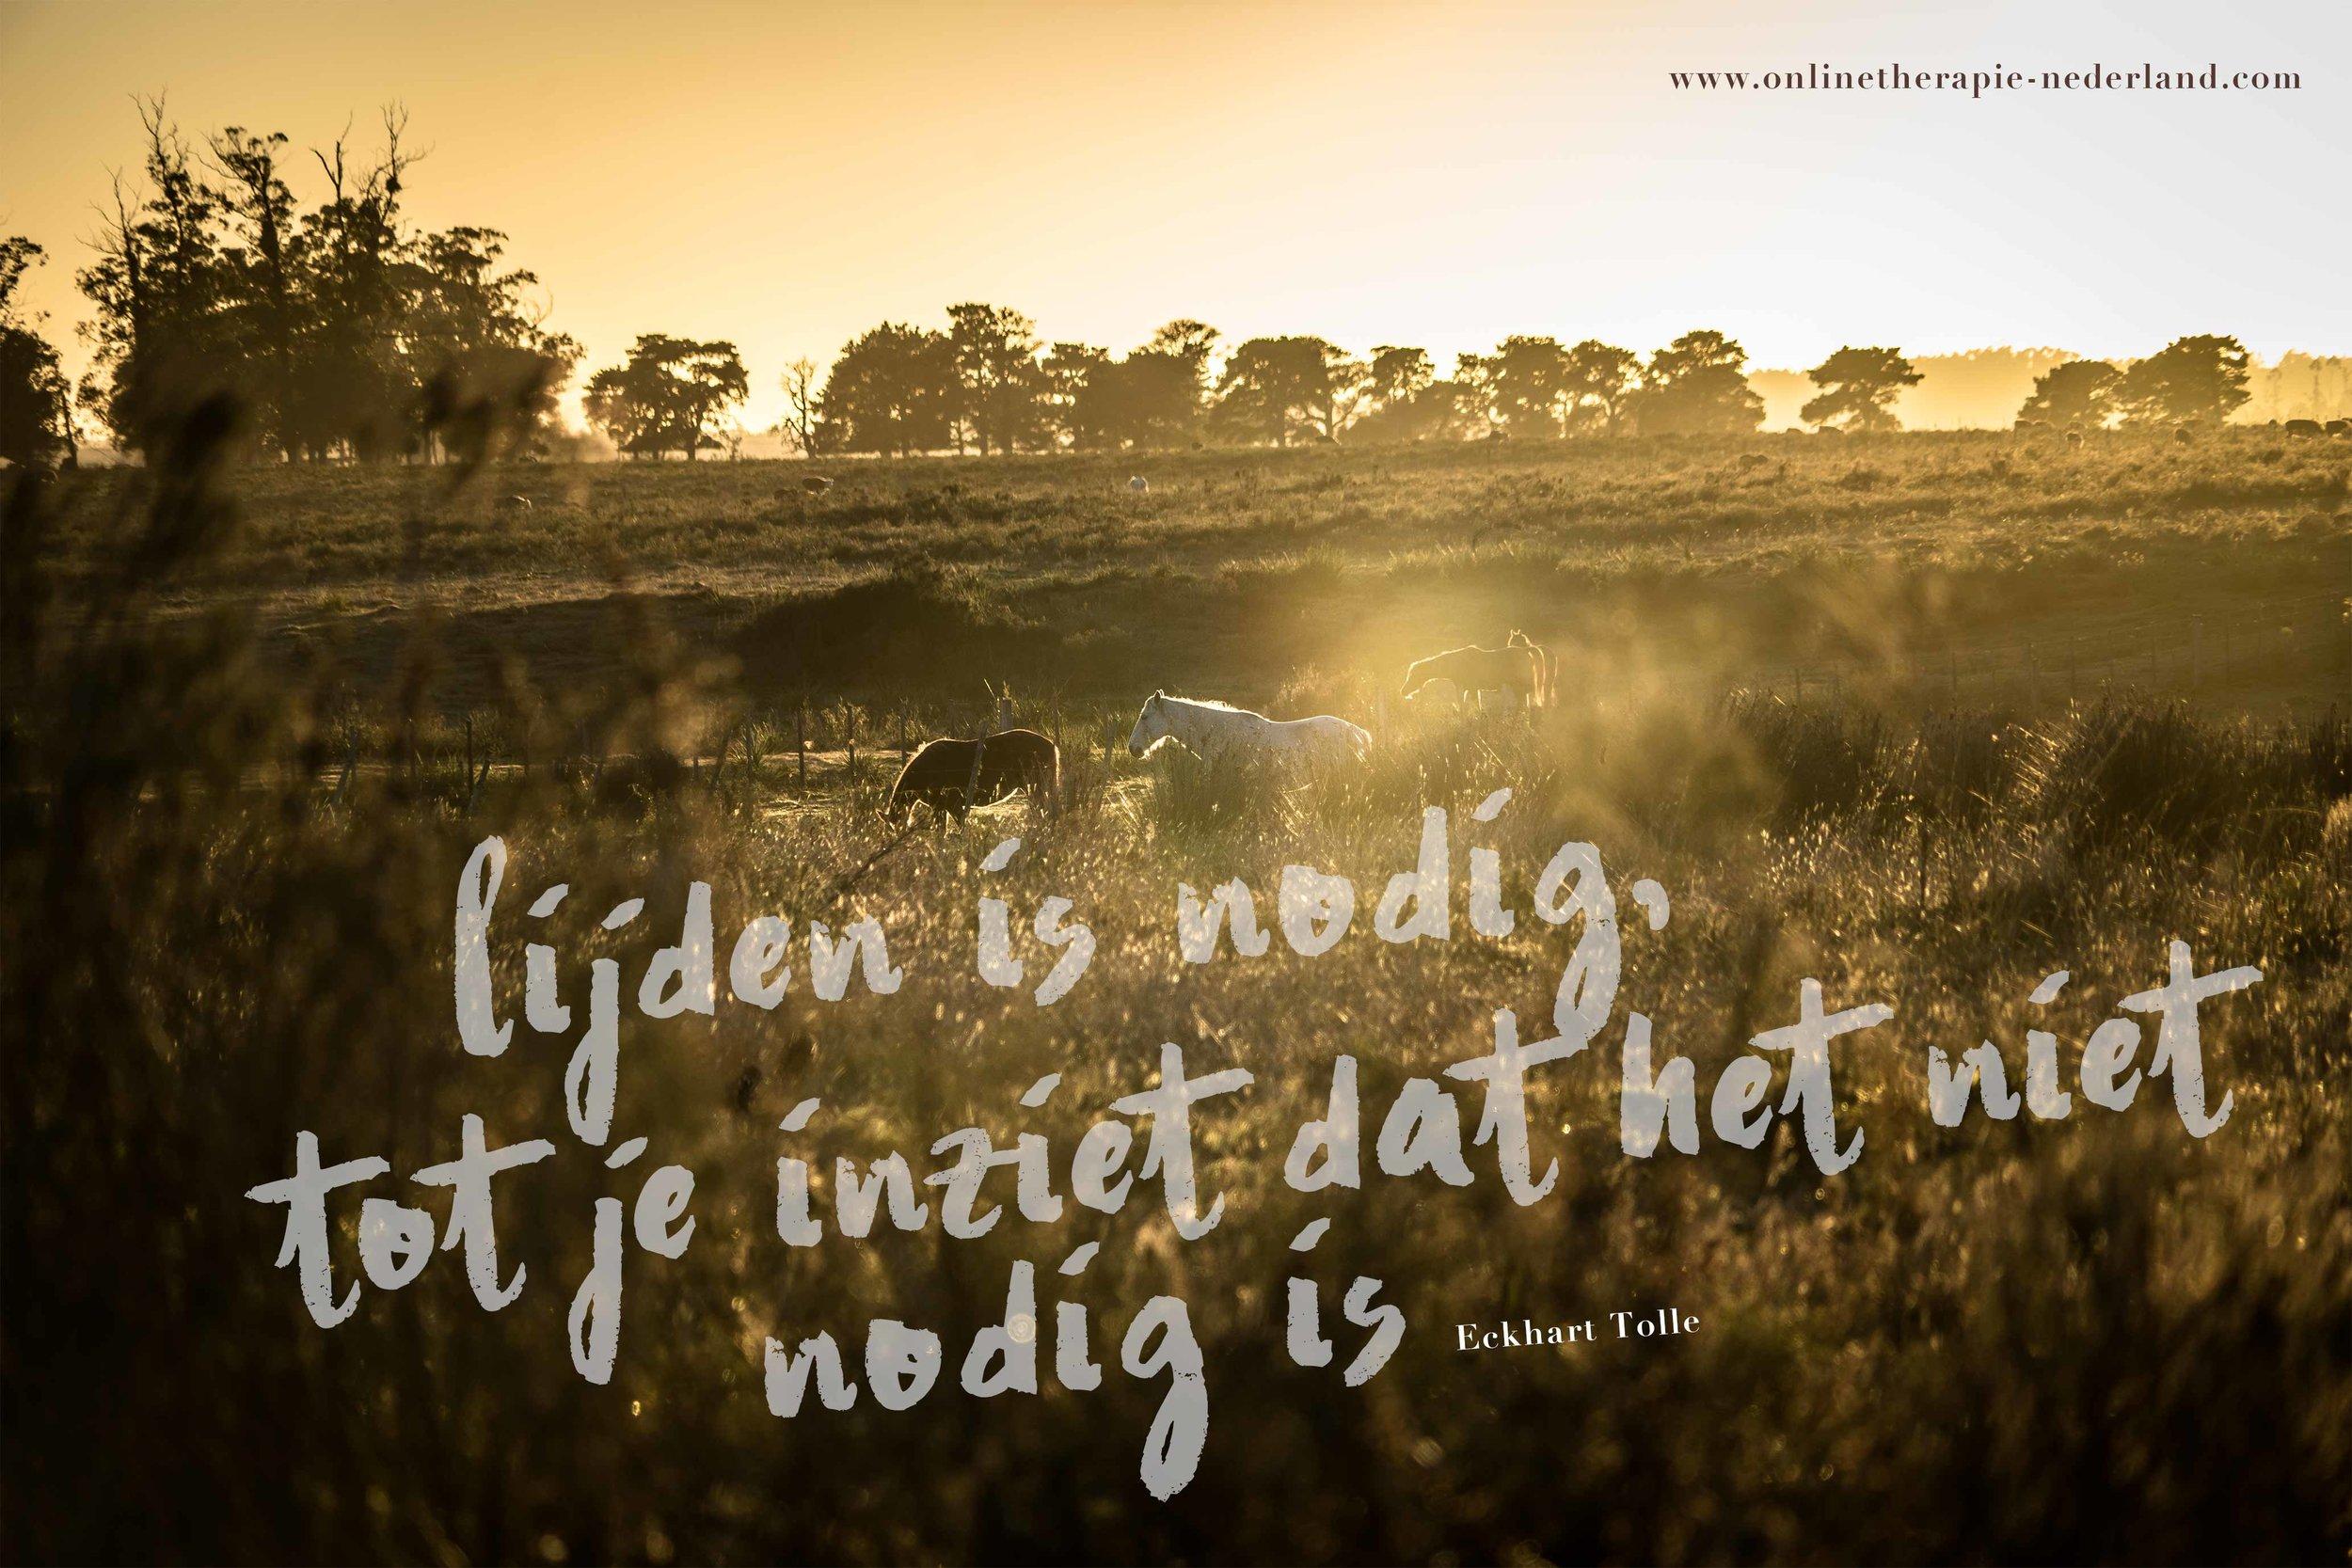 onlinetherapie-nederland-01.jpg